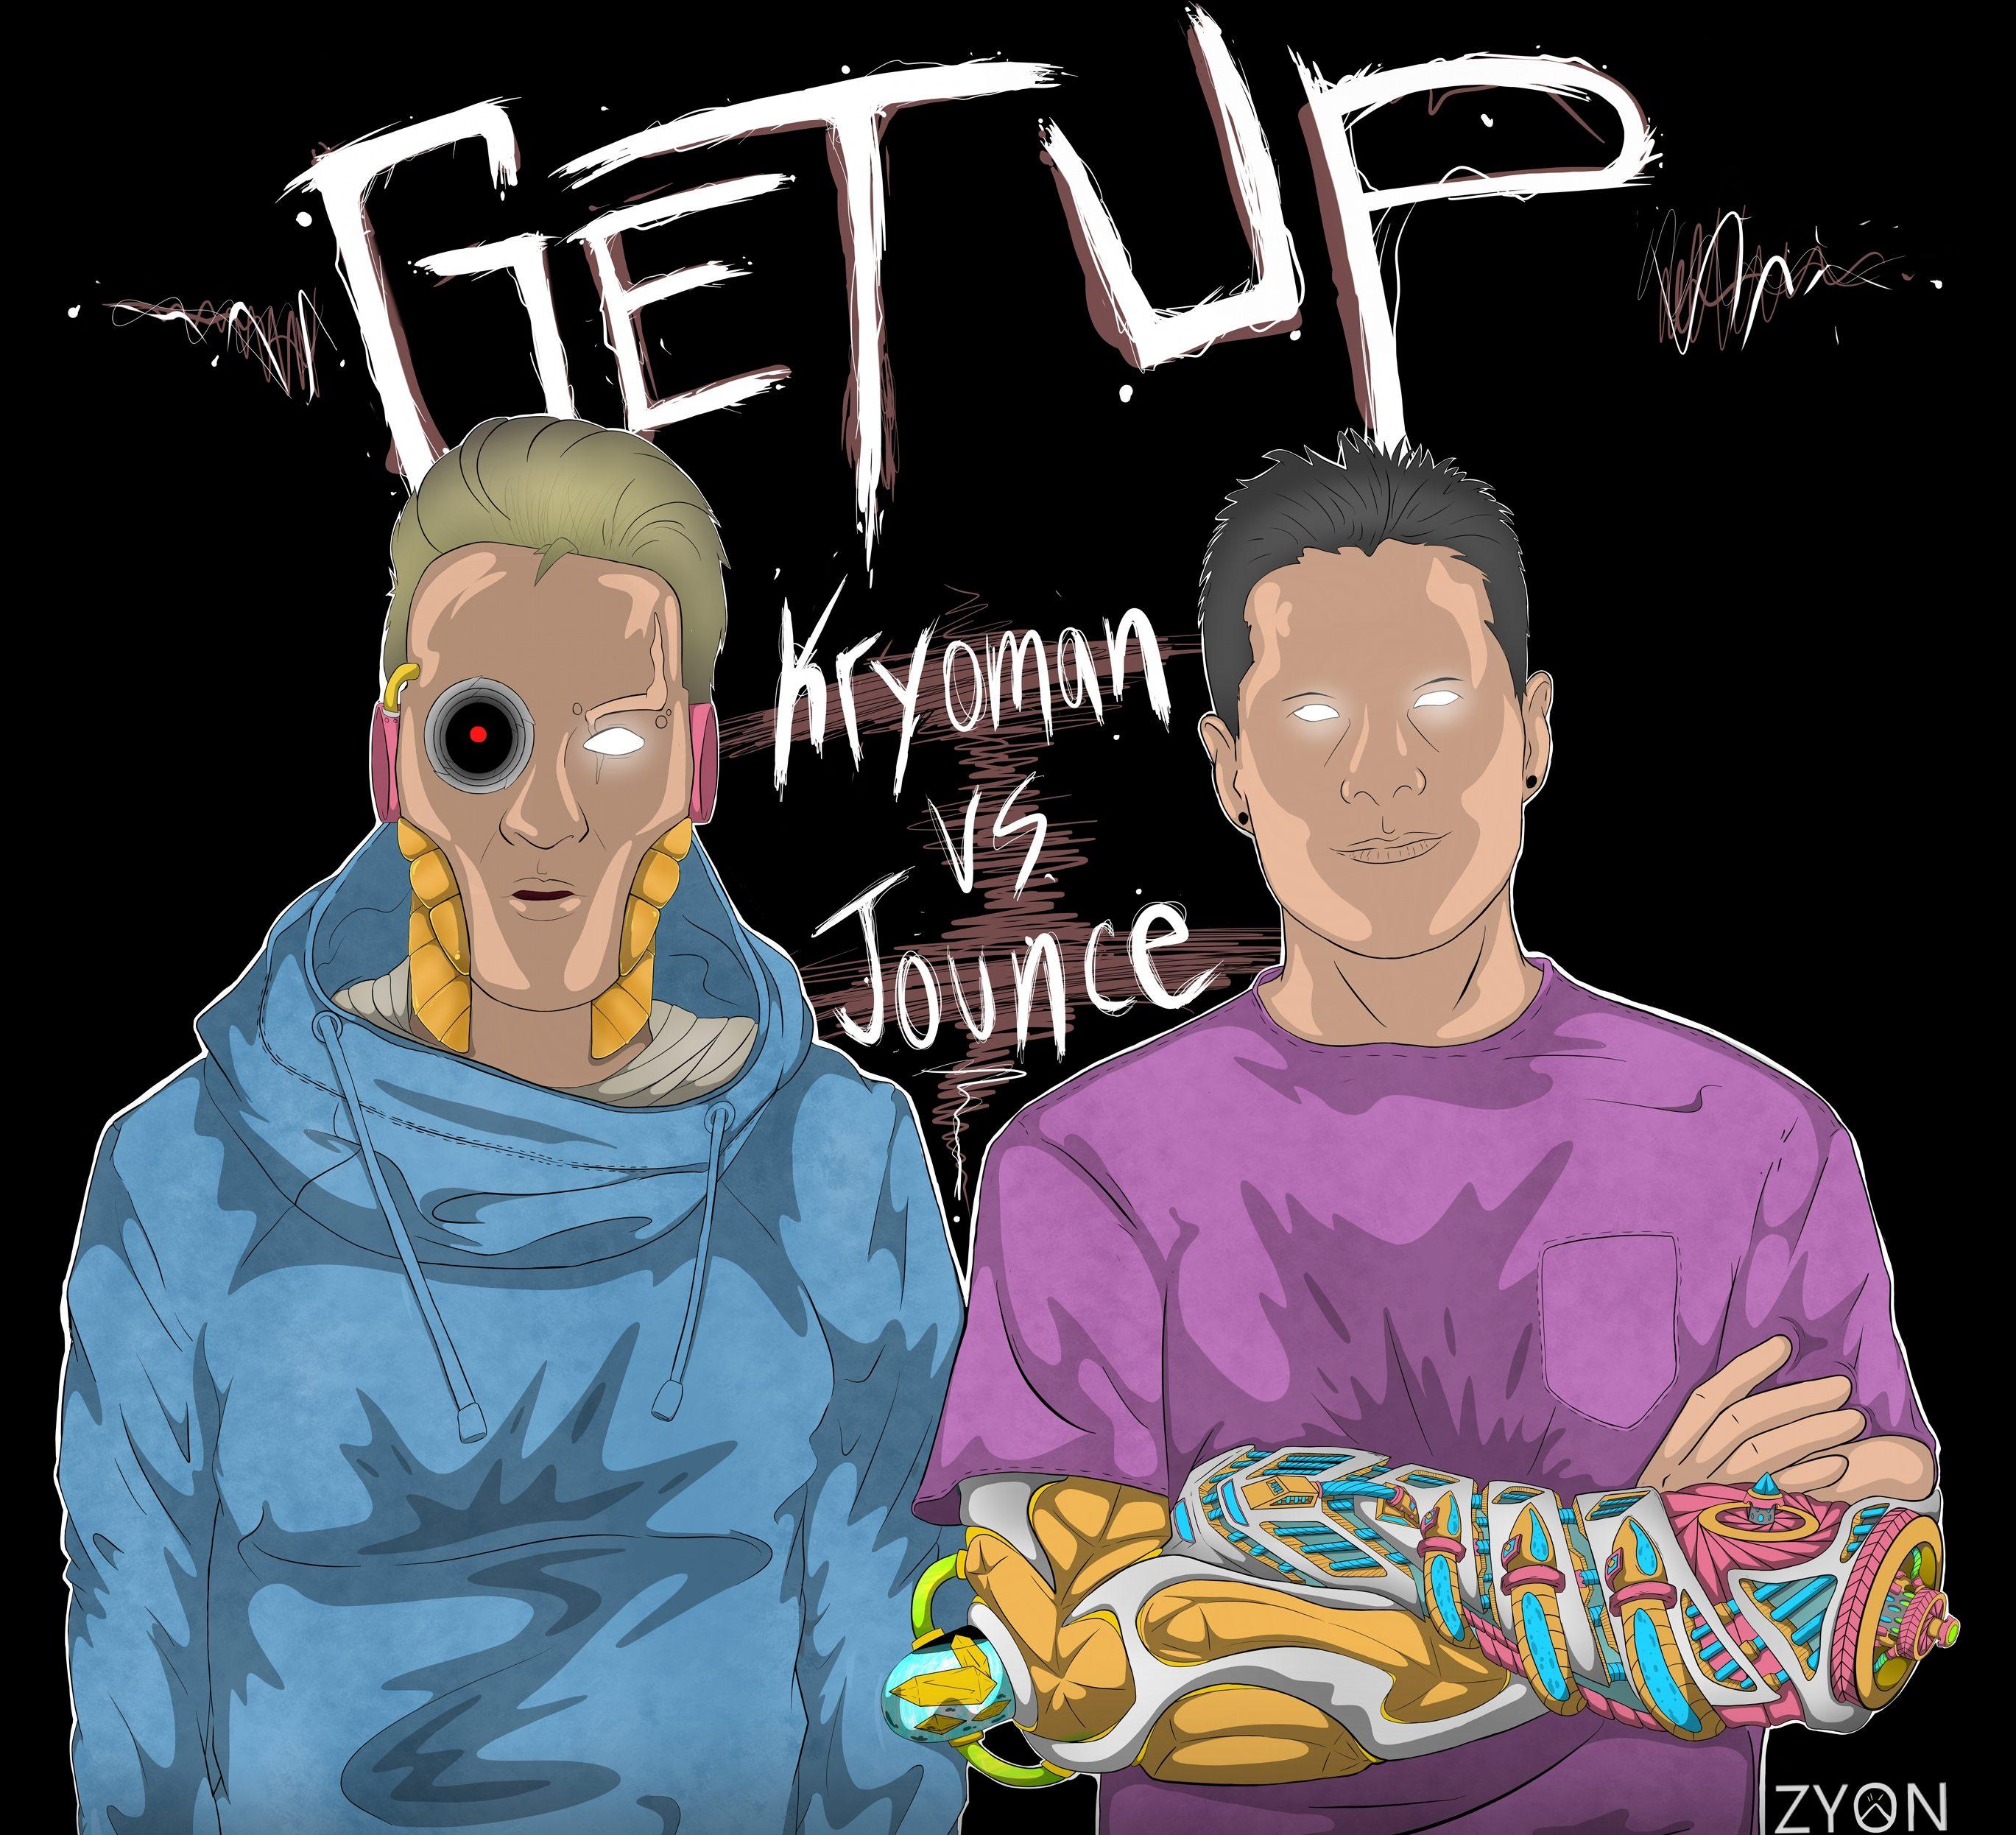 WATCH! KRYOMAN & JOUNCE MAKE THE GYM GO WILD